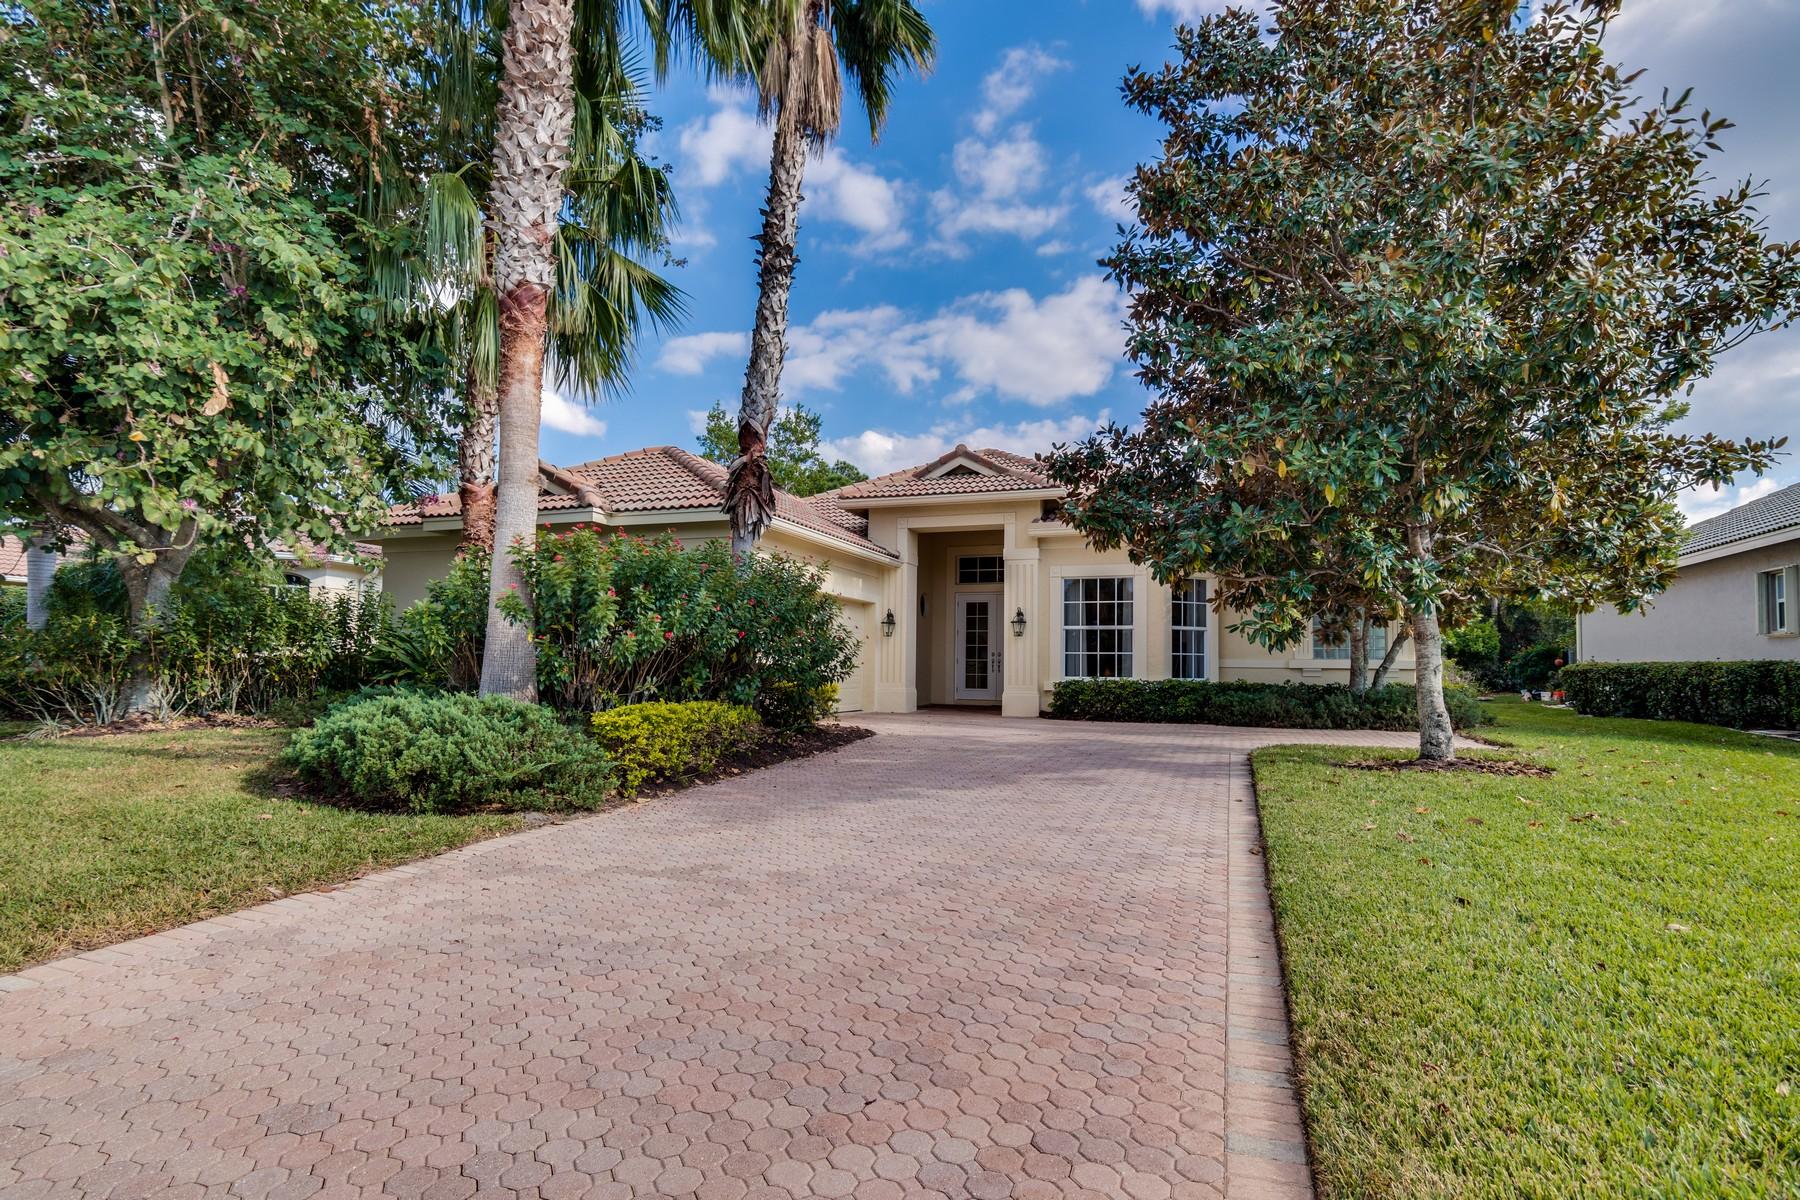 一戸建て のために 売買 アット 10117 Crosby Place Port St. Lucie, フロリダ, 34986 アメリカ合衆国